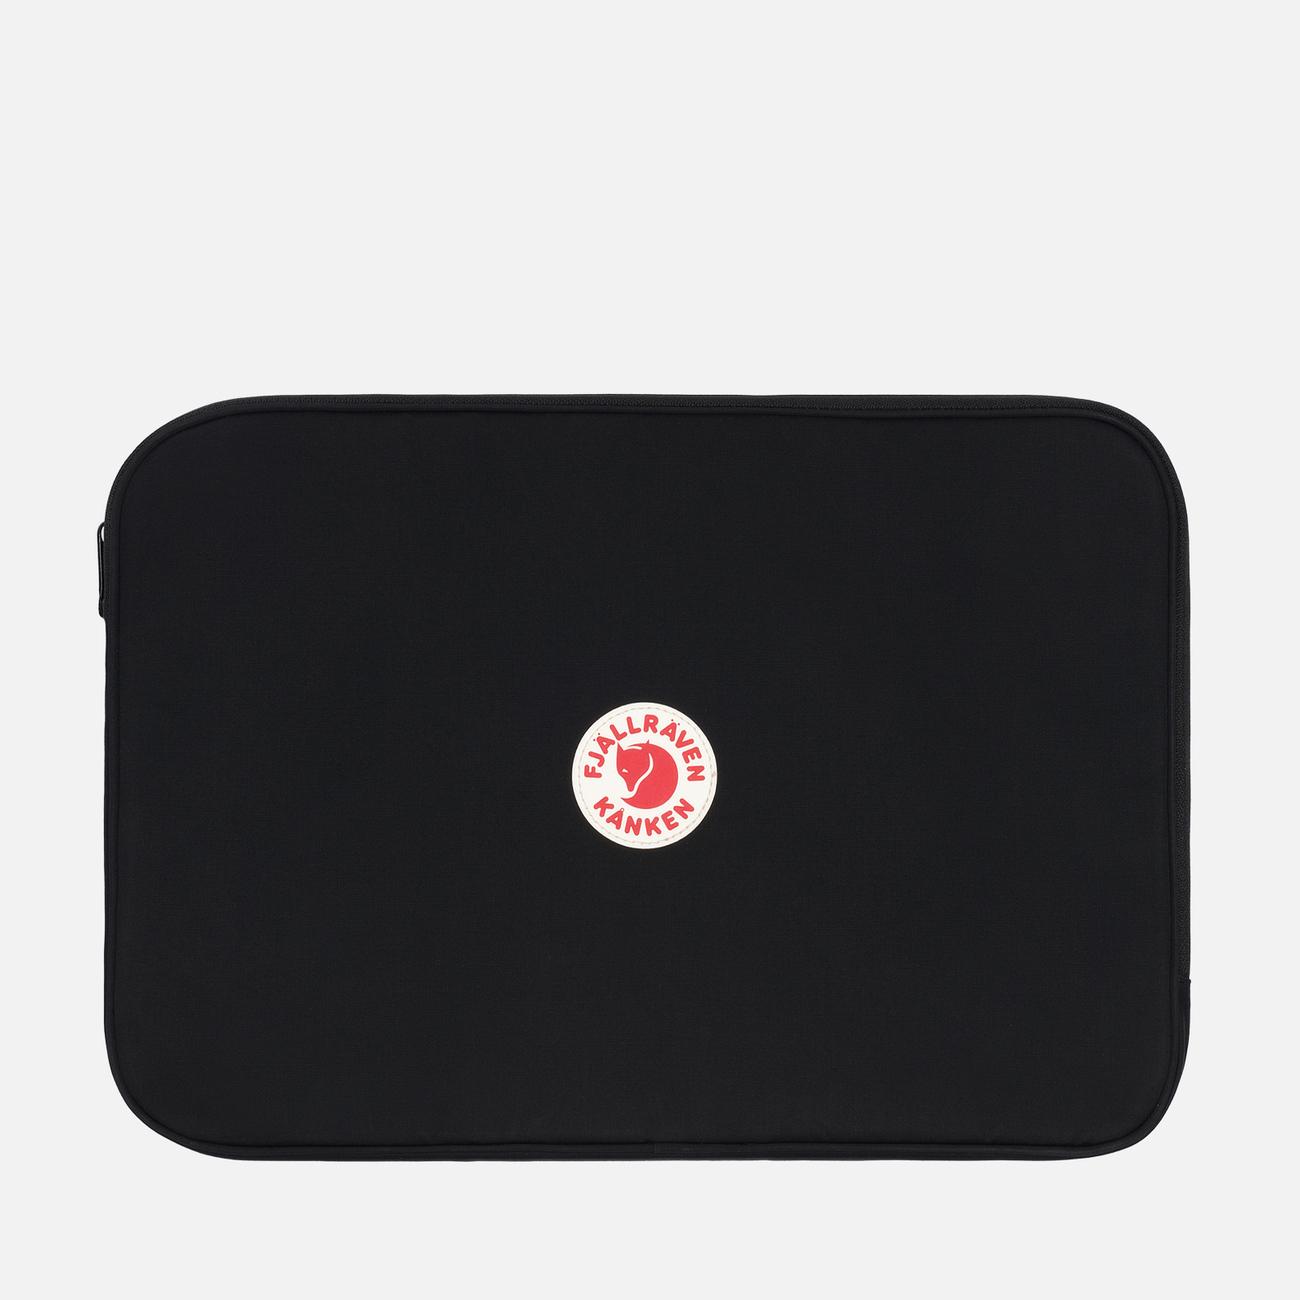 Чехол Fjallraven Kanken Laptop Case 15